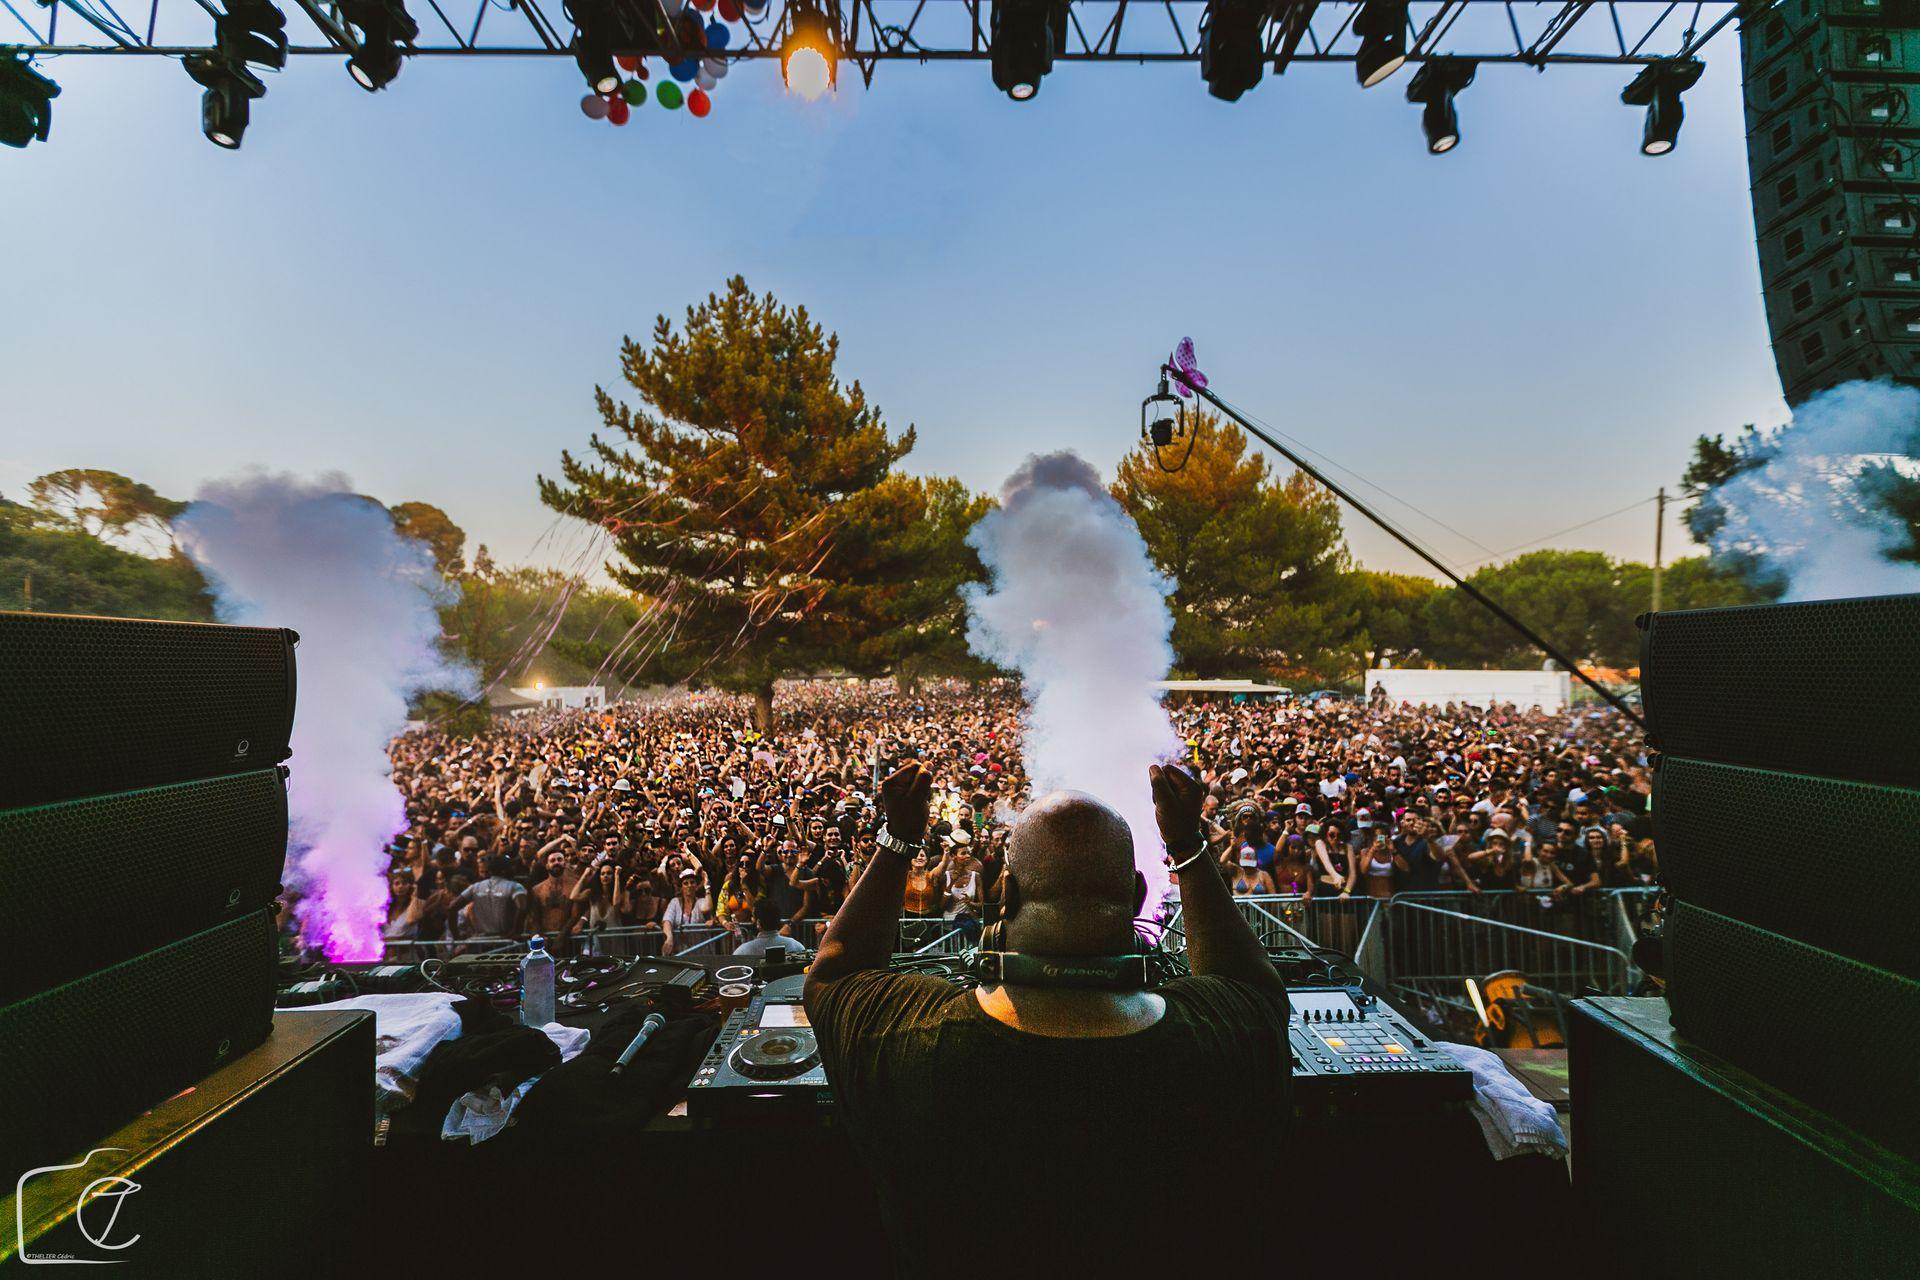 DJ qui mixe en journée pour le Festival Family Piknik au Domaine arboré de Grandmont à Montpellier devant une foule de festivaliers